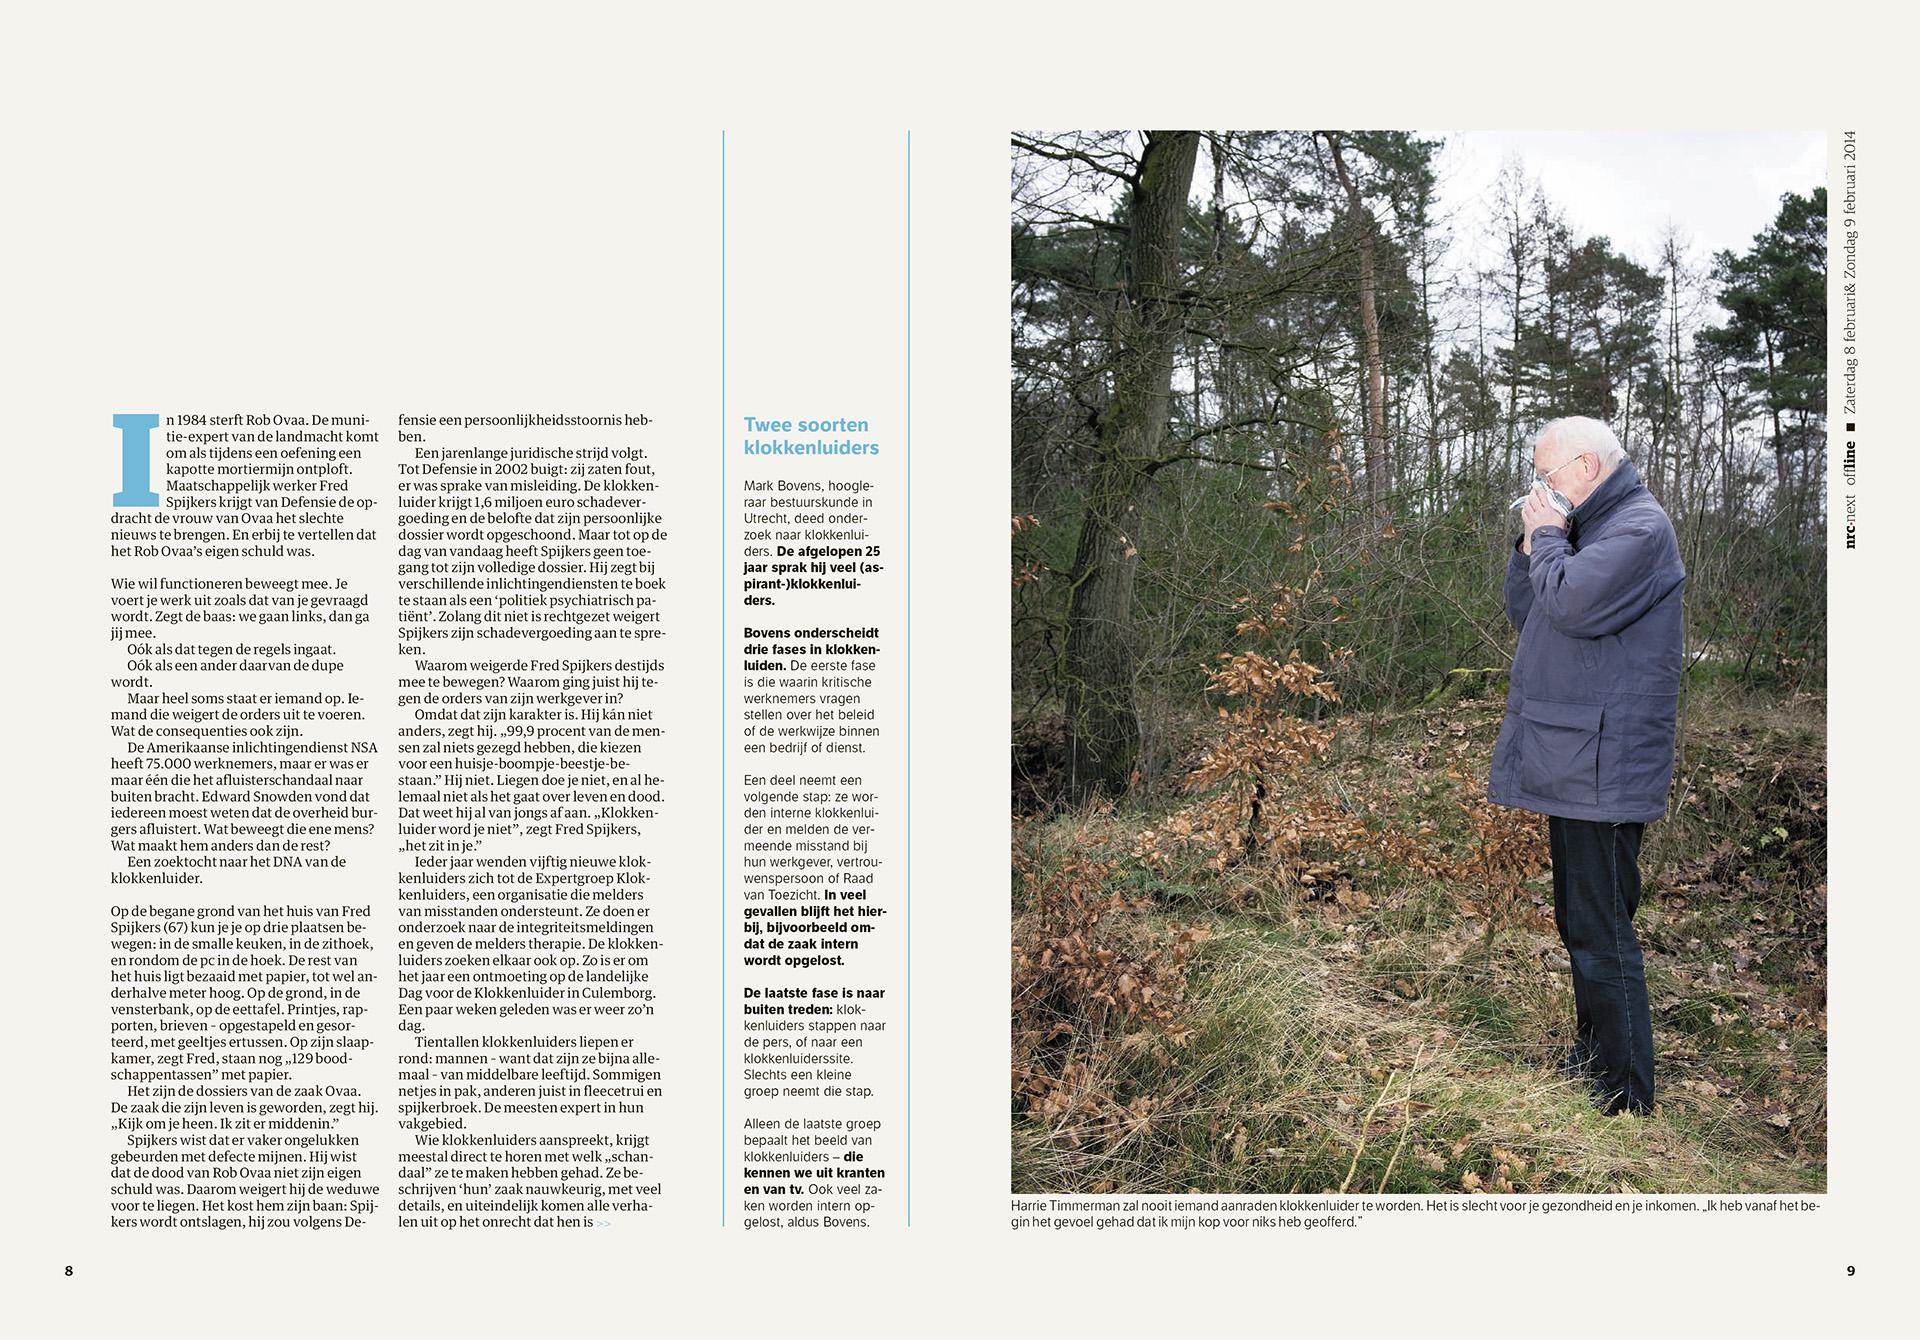 NRC Offline - Klokkenluiders - 2014 - David Galjaard